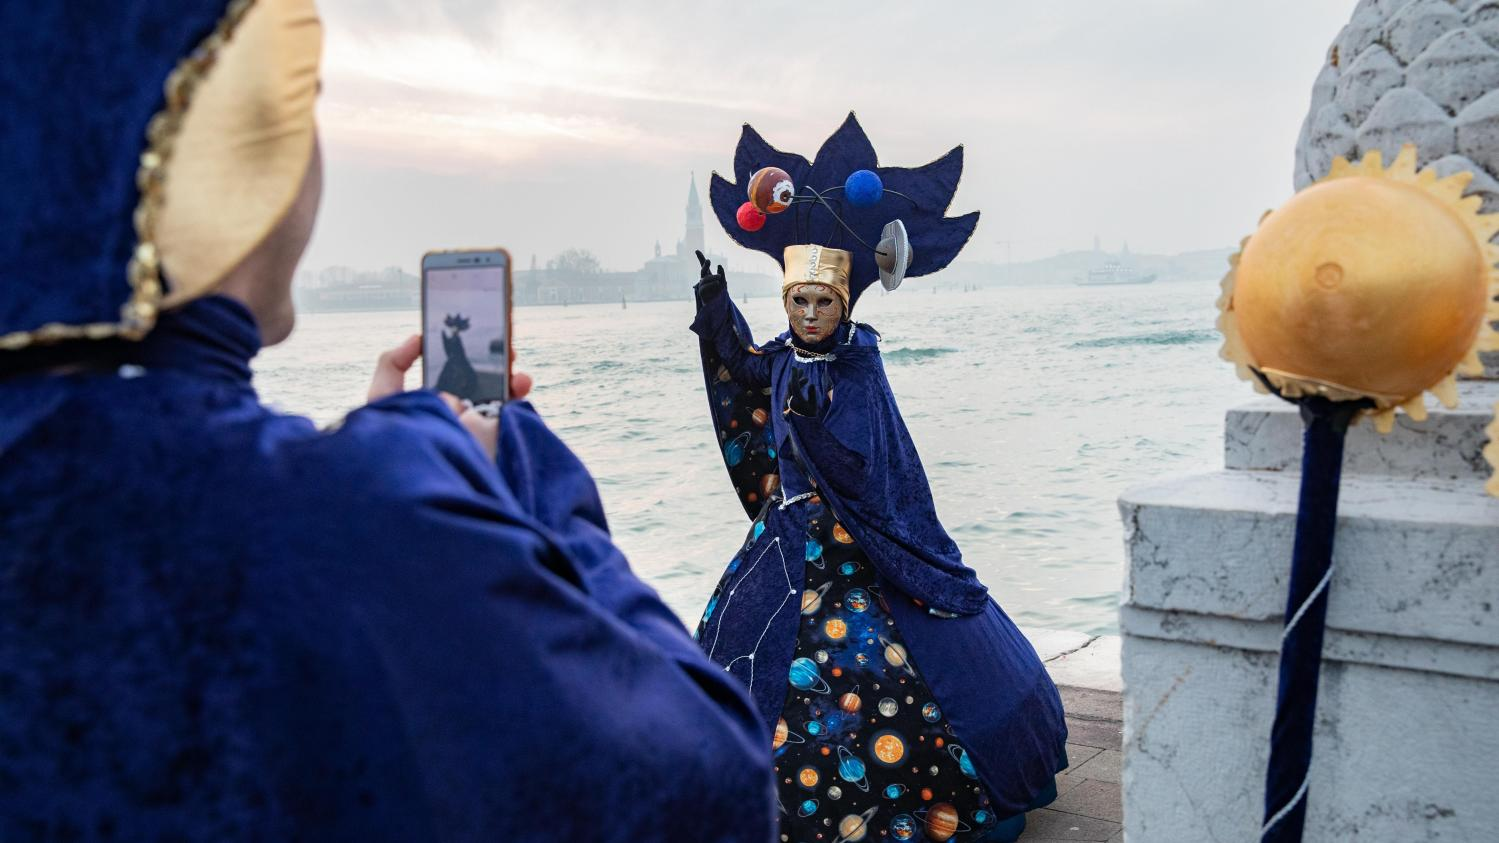 """À Venise, après les """"acqua alta"""", les touristes ne sont pas revenus pour le carnaval"""